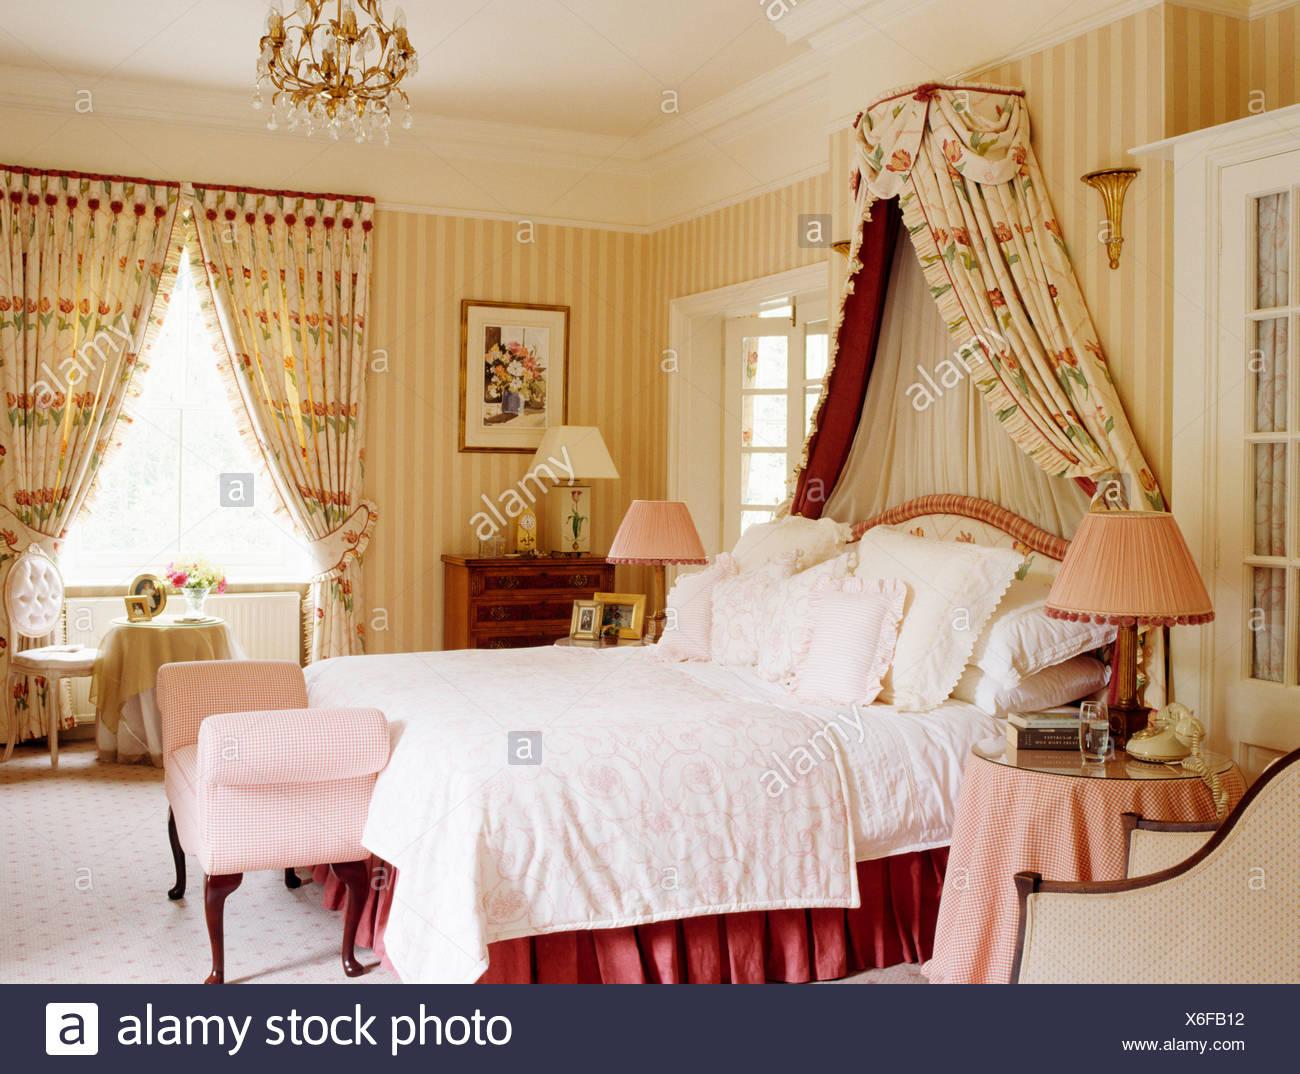 Camera Da Letto Color Rosa : Coronet con drappeggi floreali sopra il letto con un colore rosa